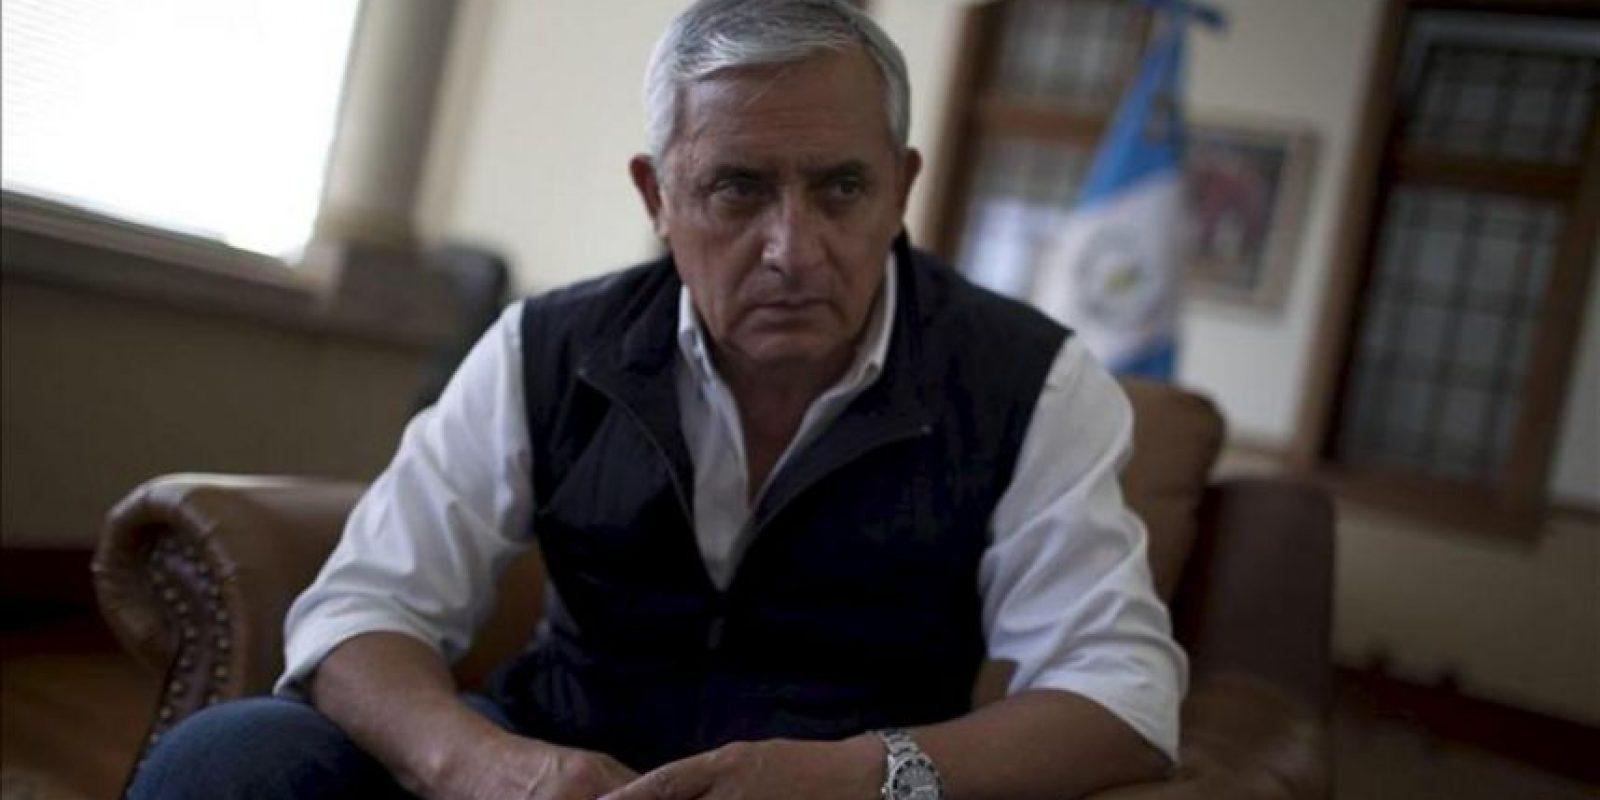 """El presidente de Guatemala, Otto Pérez Molina, habla durante una entrevista con Efe hoy, sábado 29 de diciembre de 2012, en Ciudad de Guatemala, en la que admitió que """"el 50 por ciento del Estado"""" guatemalteco está infestado por la corrupción, y que el crimen organizado se ha infiltrado en las instituciones responsables de su combate. EFE"""